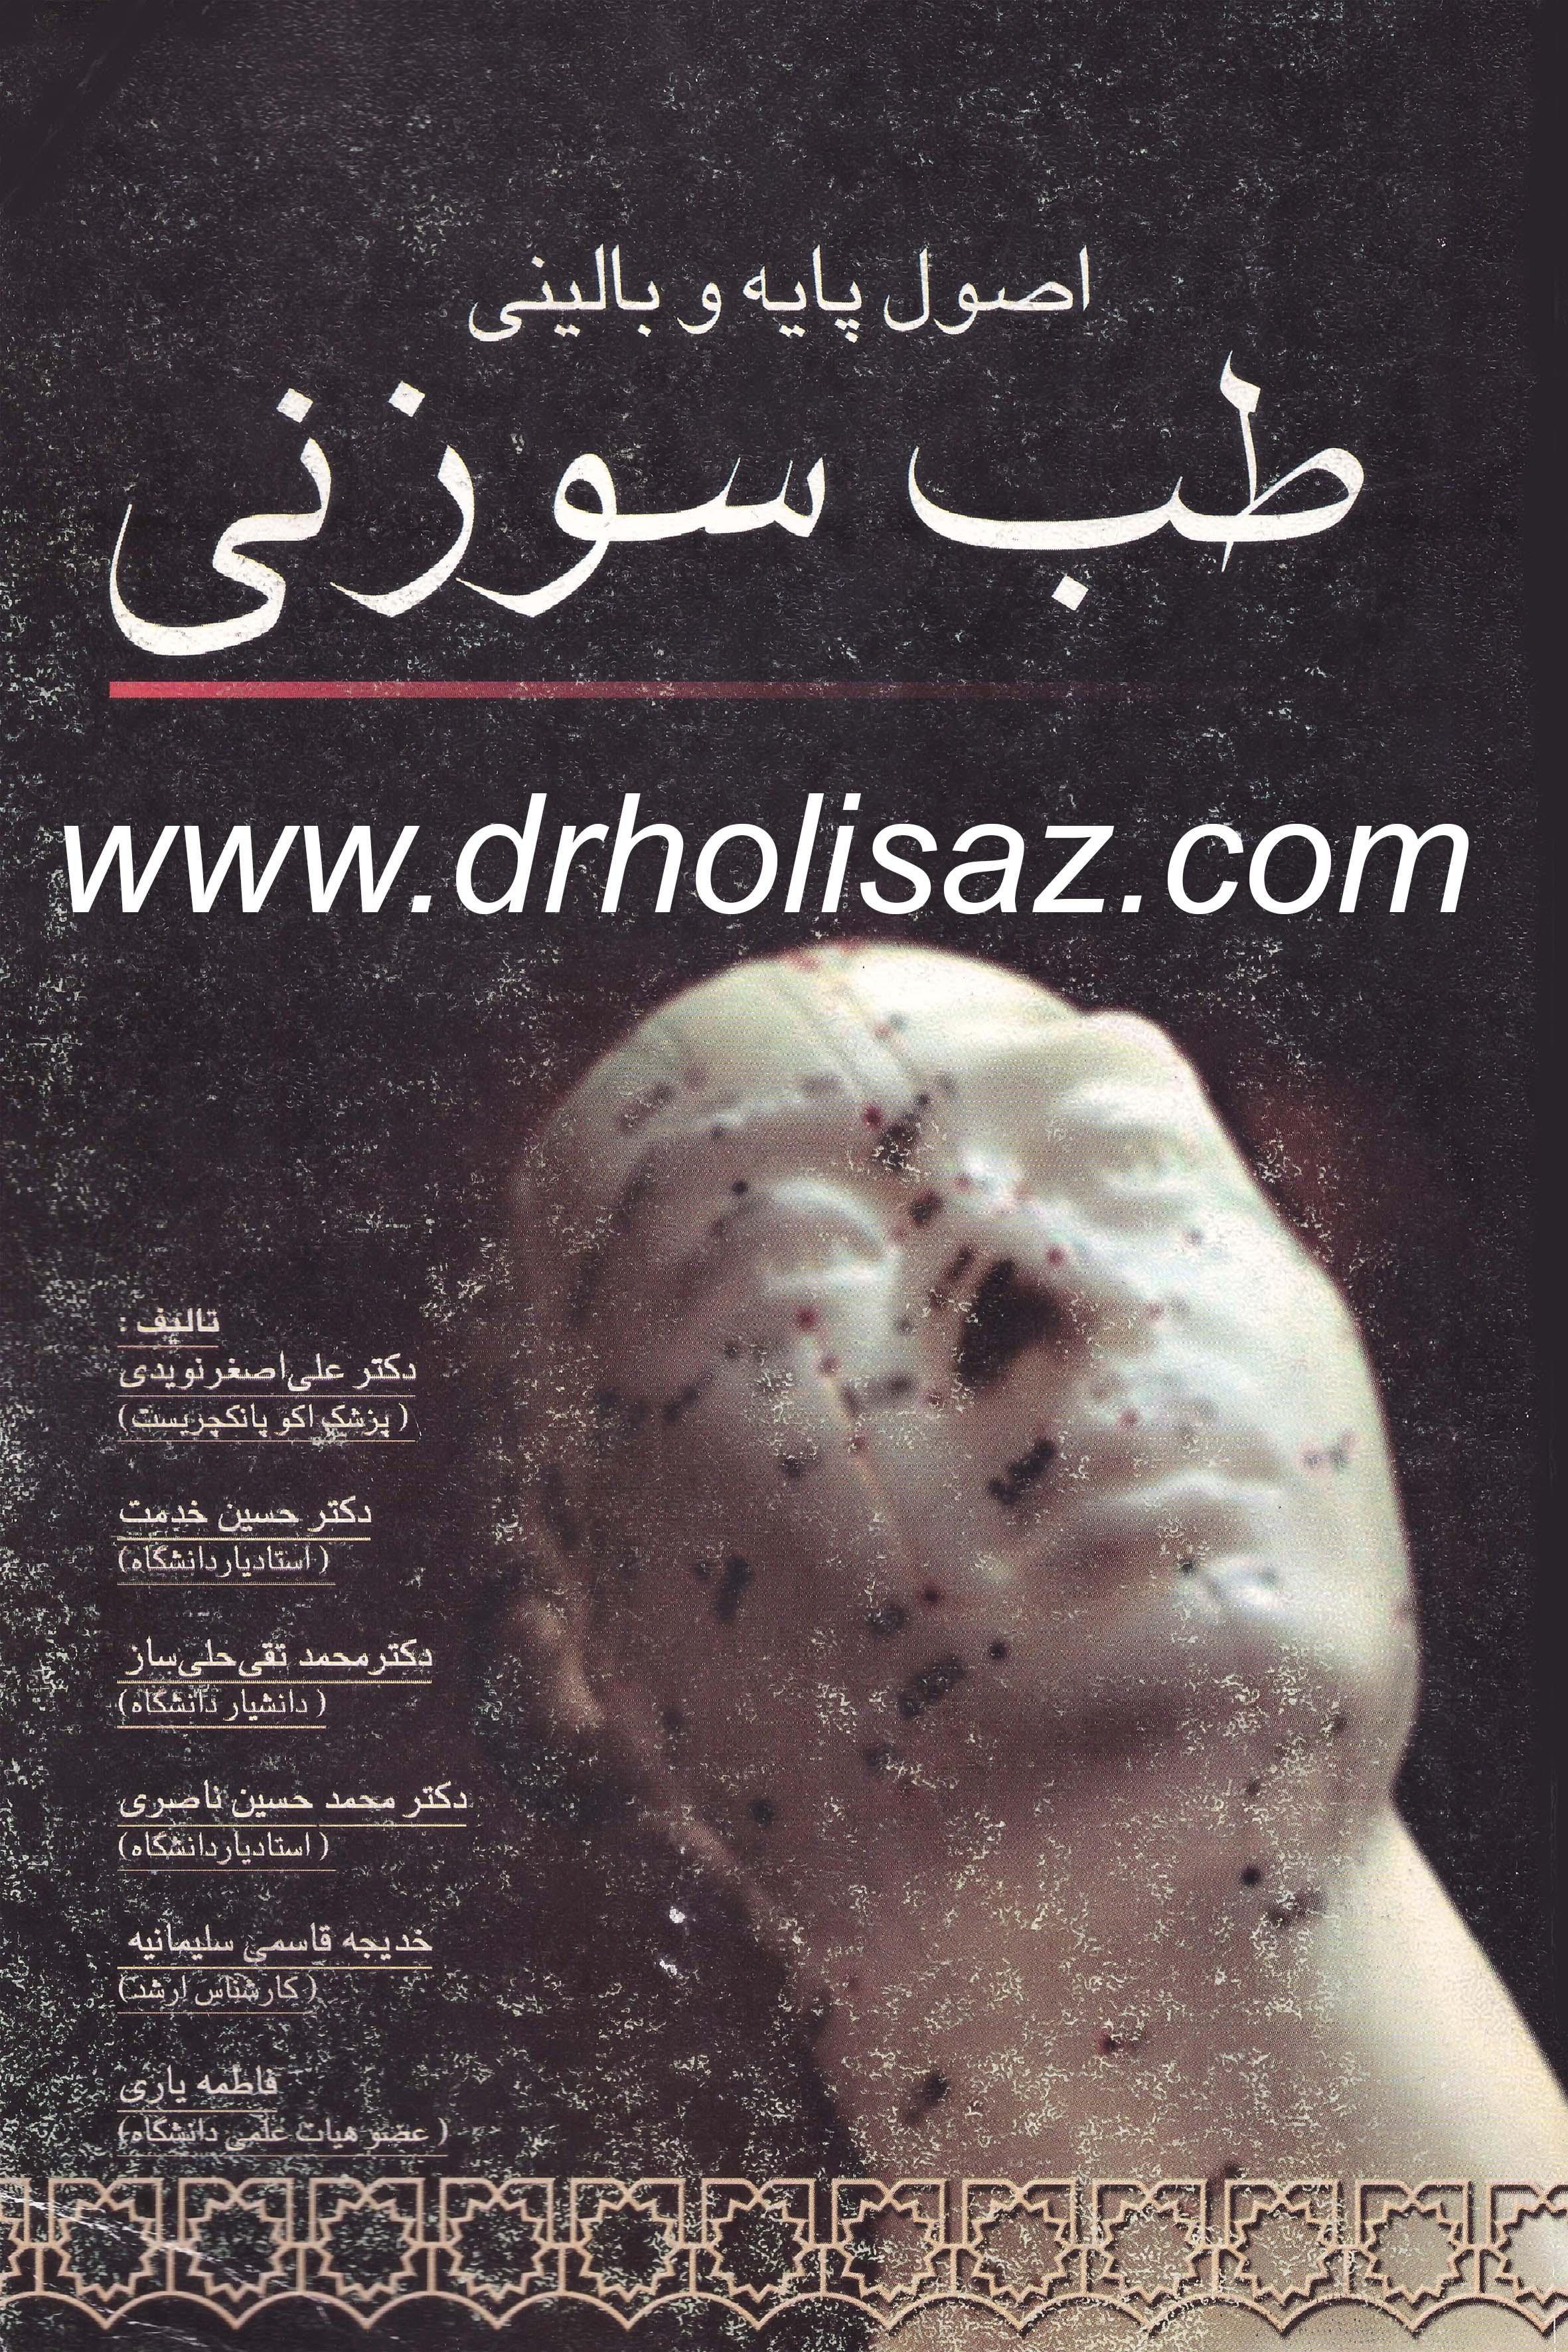 www.drholisaz.com-tebsoozani2